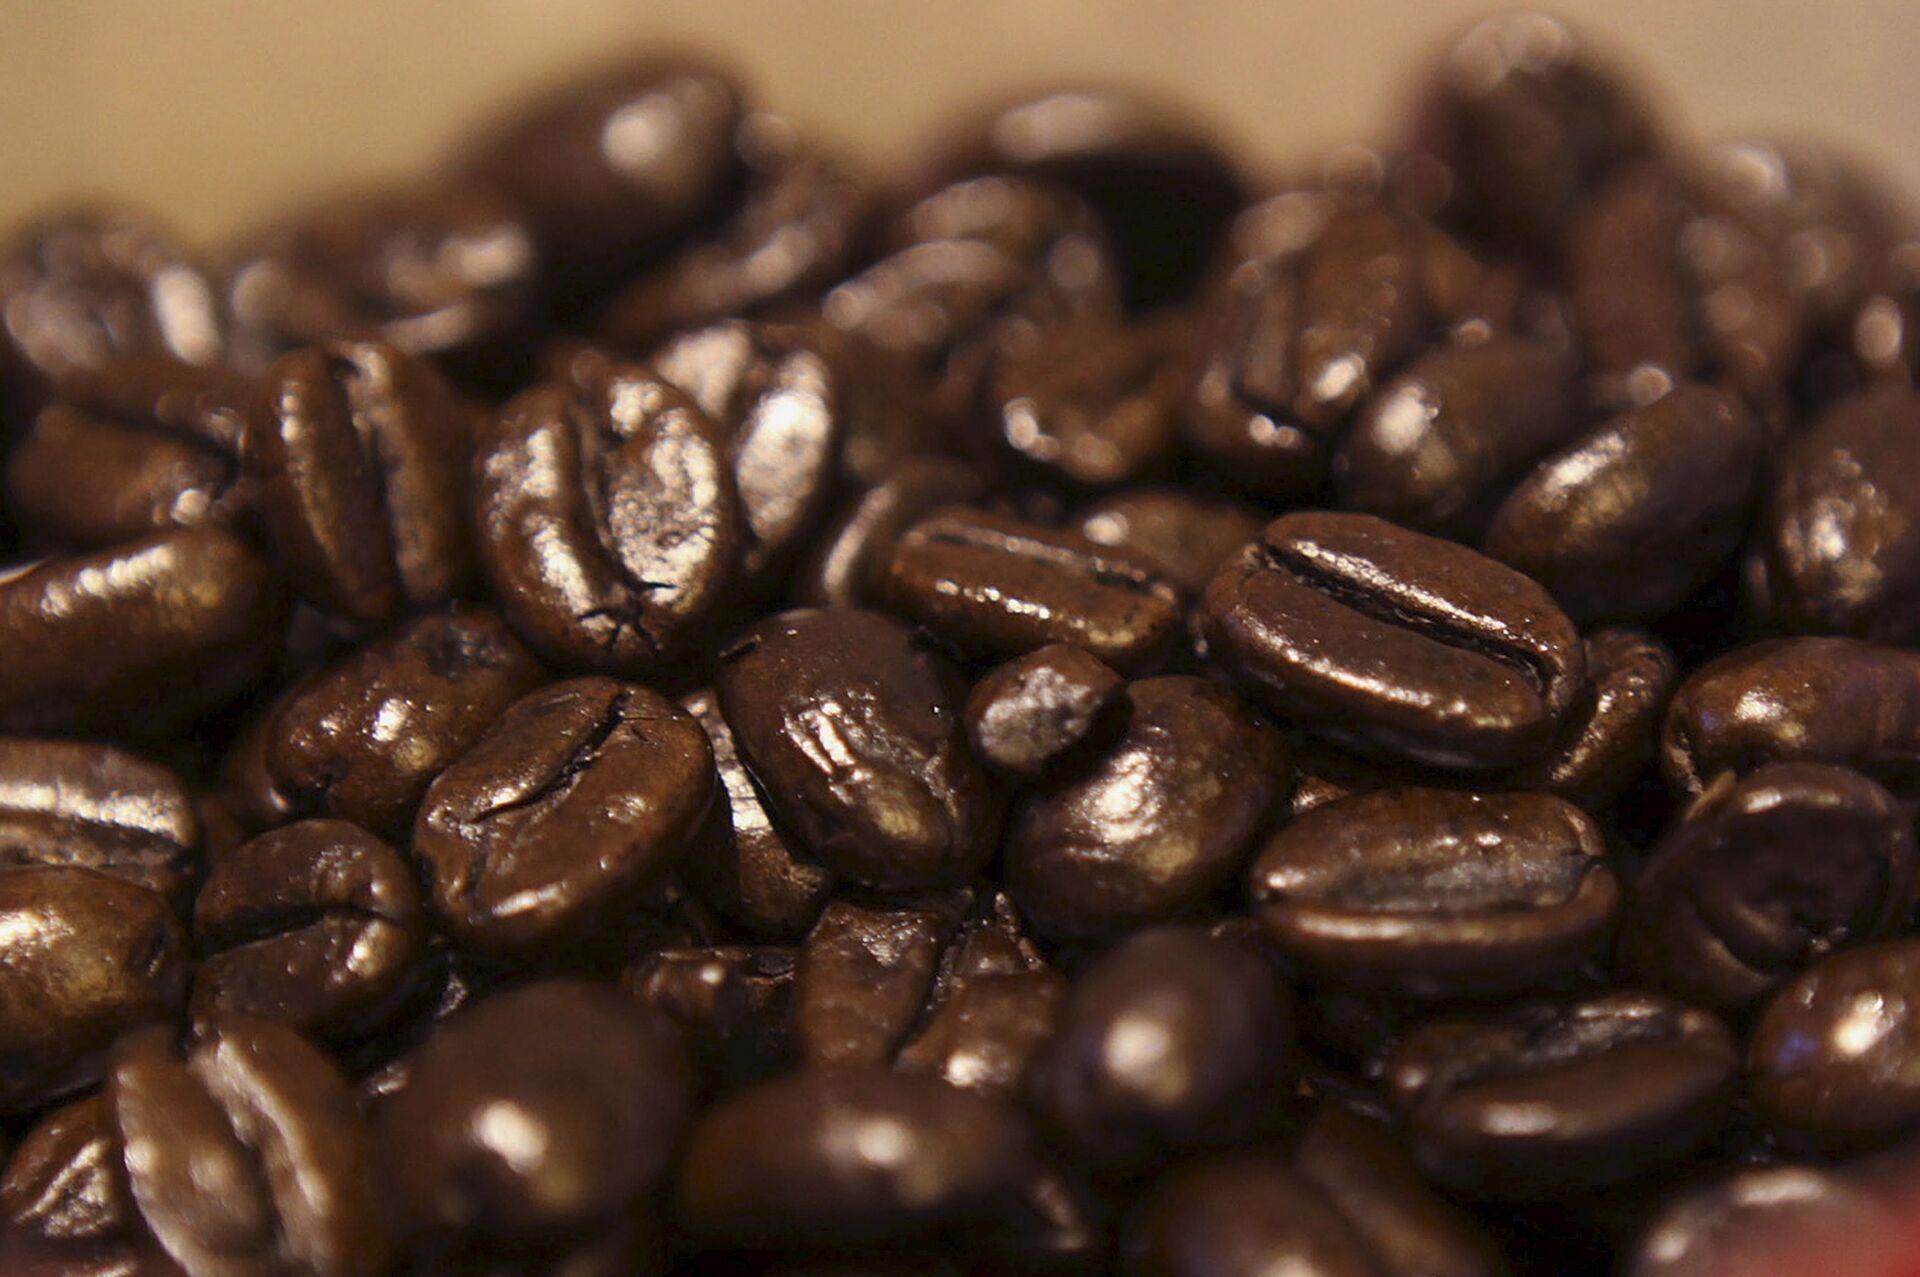 Các nhà khoa học phát hiện ra việc cà phê có thể đóng vai trò như một dấu hiệu chỉ thị sức khỏe - Sputnik Việt Nam, 1920, 01.05.2021